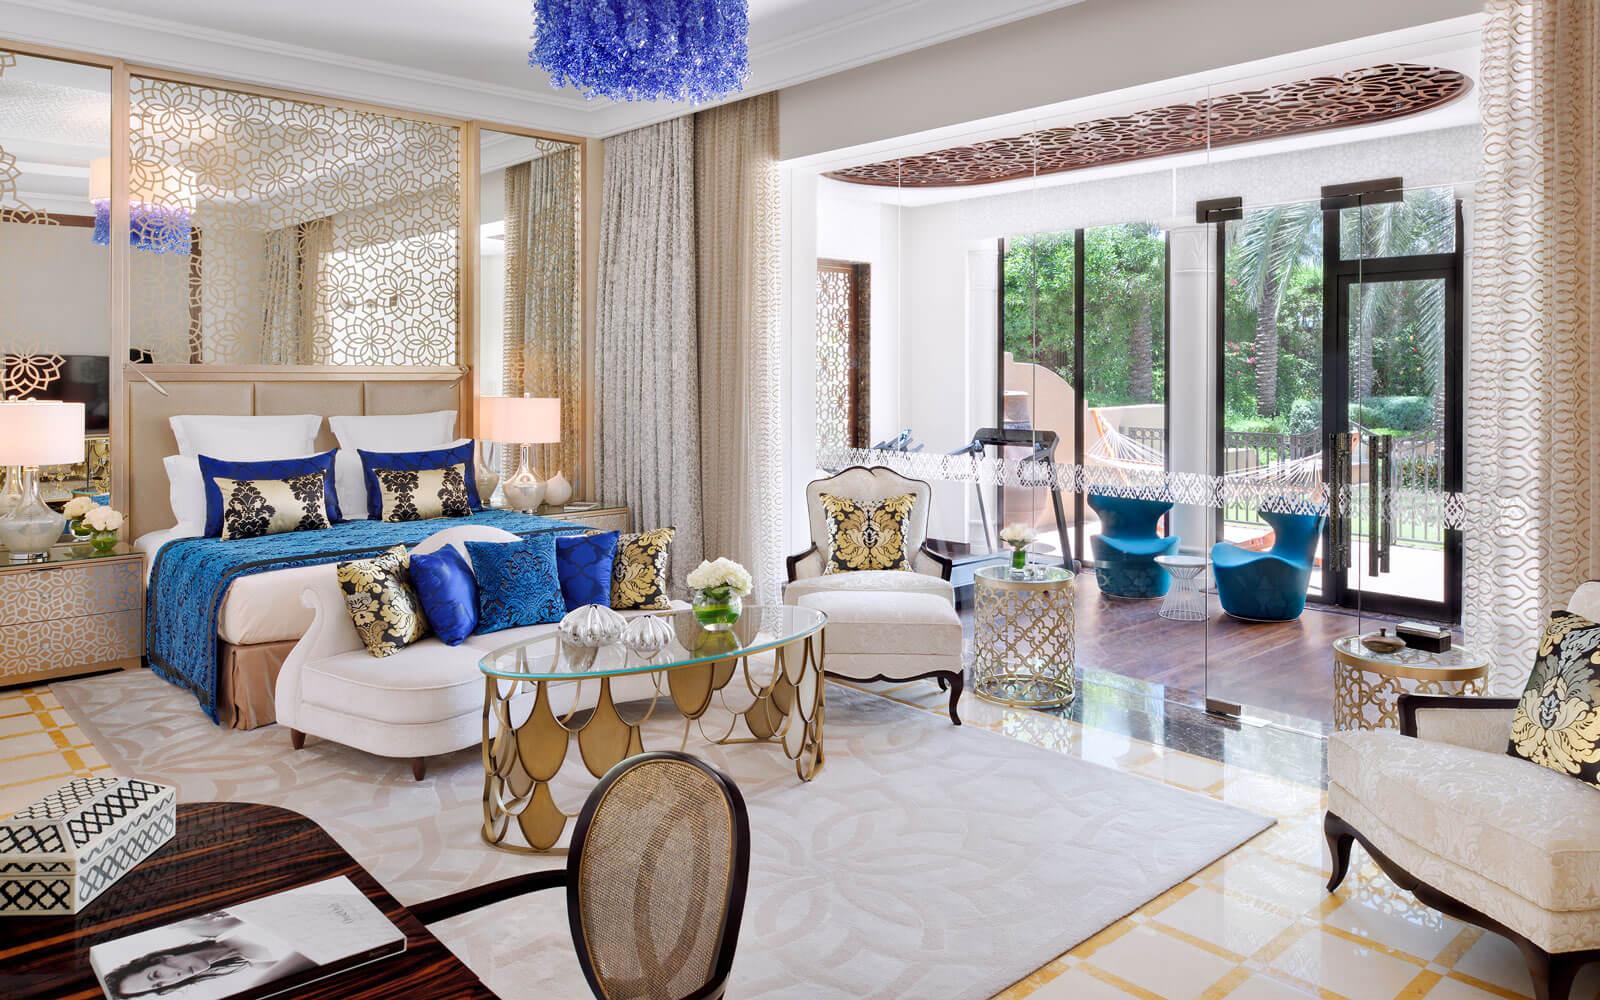 Фото One&Only Royal Mirage - пожалуй, лучшего отеля на пляже Джумейра